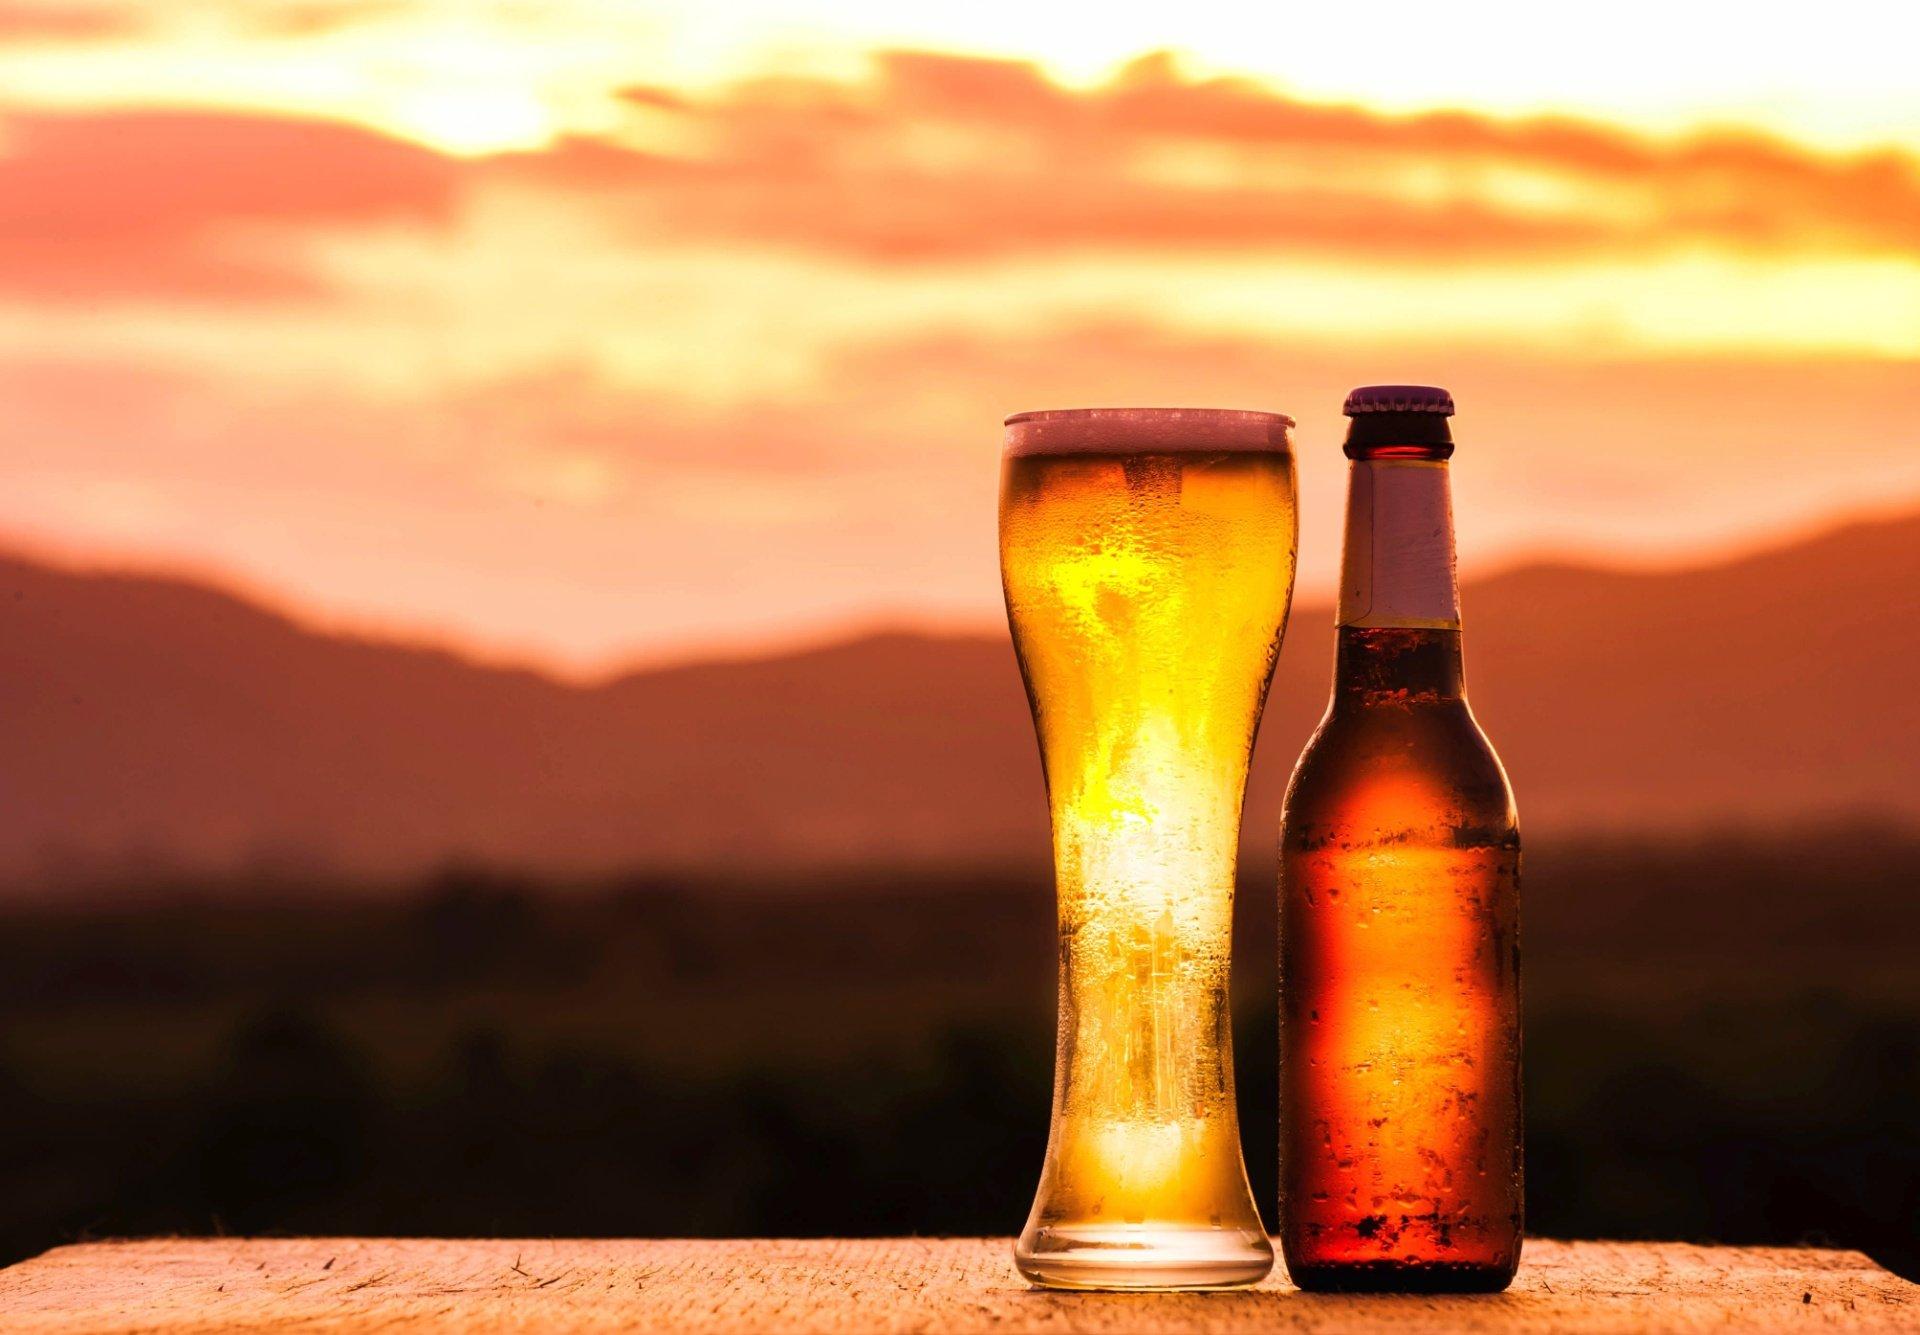 imagem de cerveja generica na praia garrafa de cerveja bebida 1451740729687 1920x1335 300x209 - Nutricionistas explicam: Uma lata de cerveja tem as mesmas calorias de um pão francês